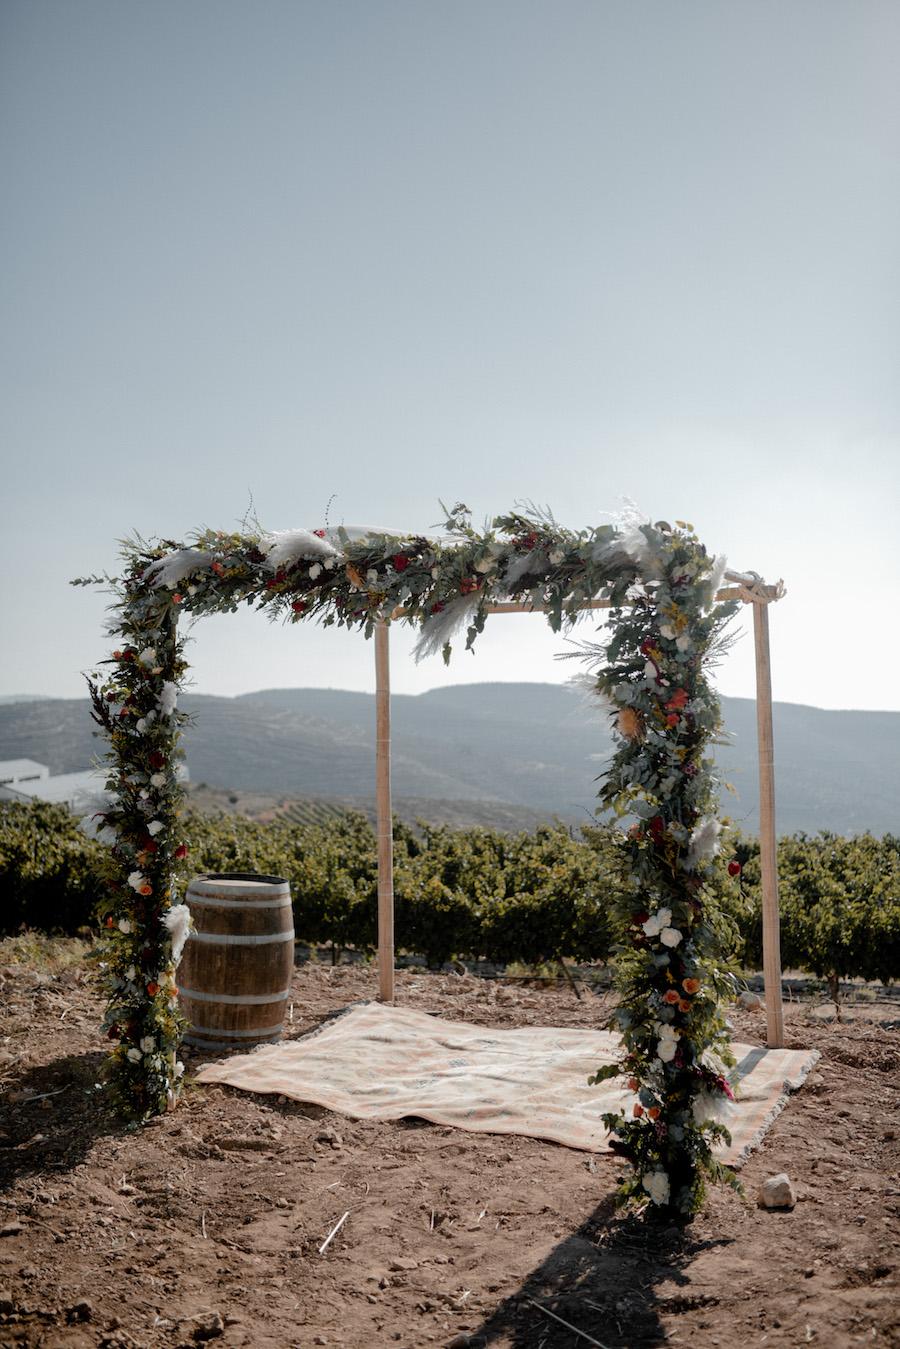 חגיגה בטבע: חתונת שטח בחווה חקלאית